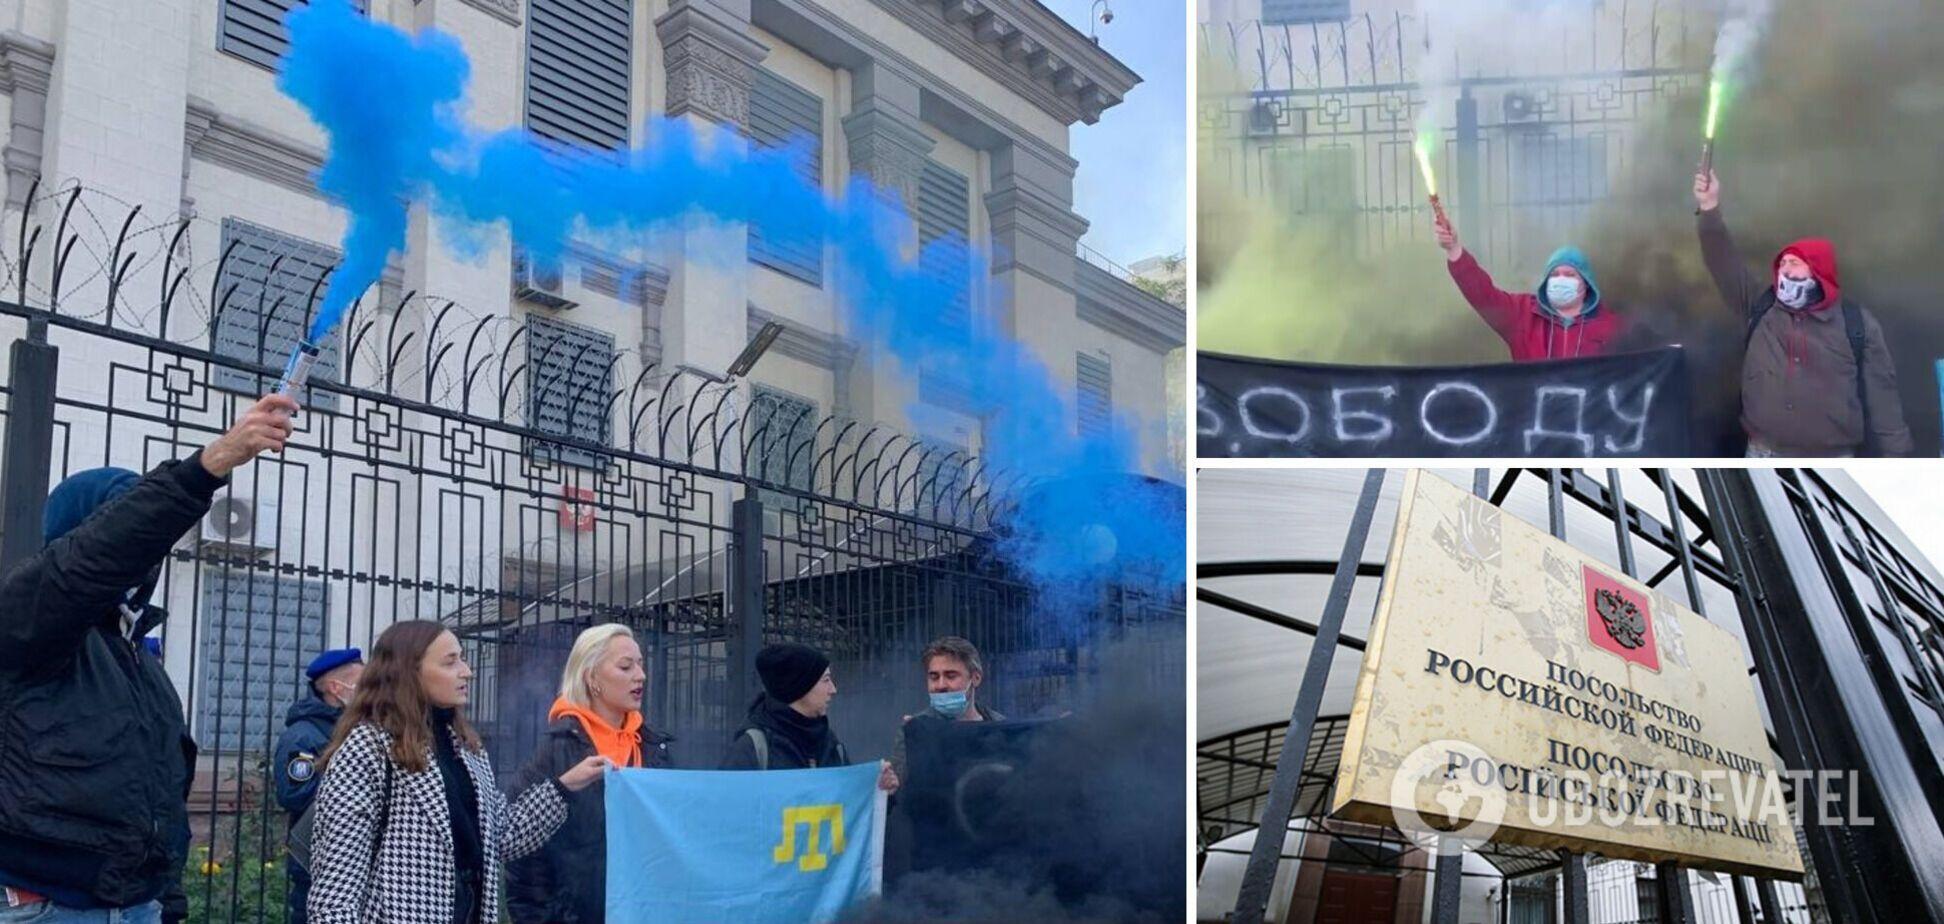 У Києві під посольством РФ пройшла акція на підтримку українських в'язнів Кремля. Фото і відео